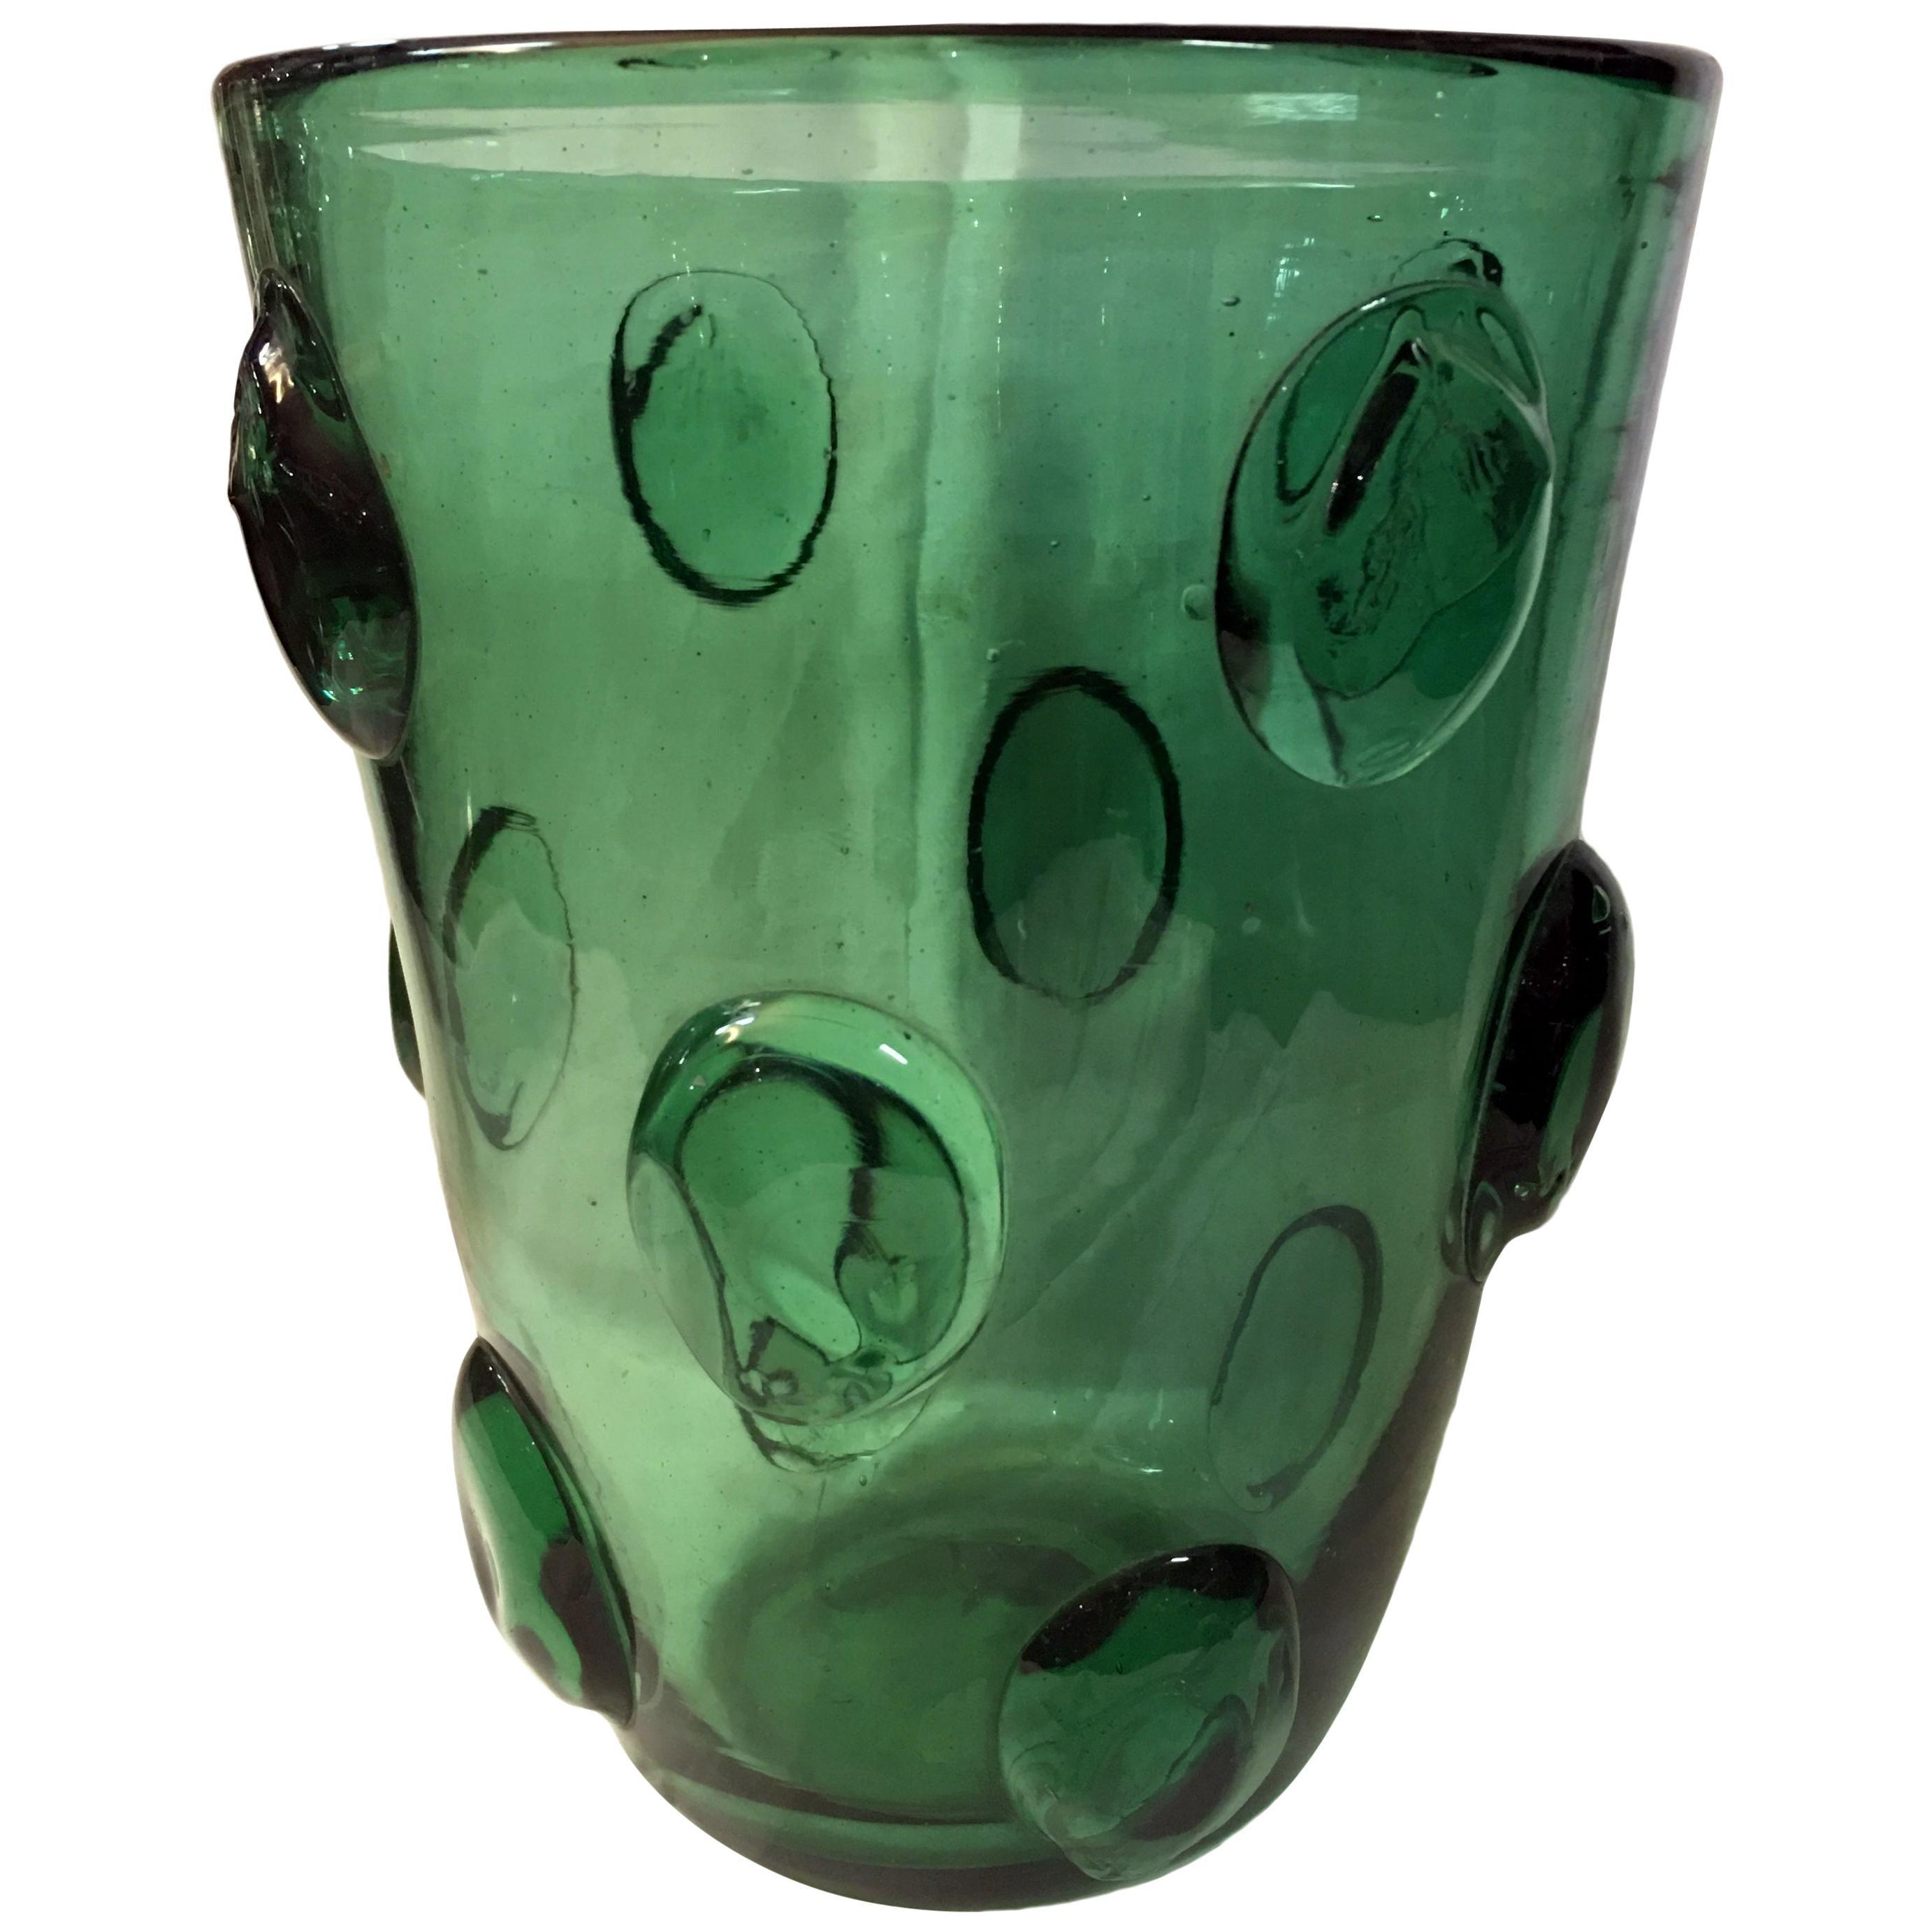 Midcentury Handmade Vase Murano Italy